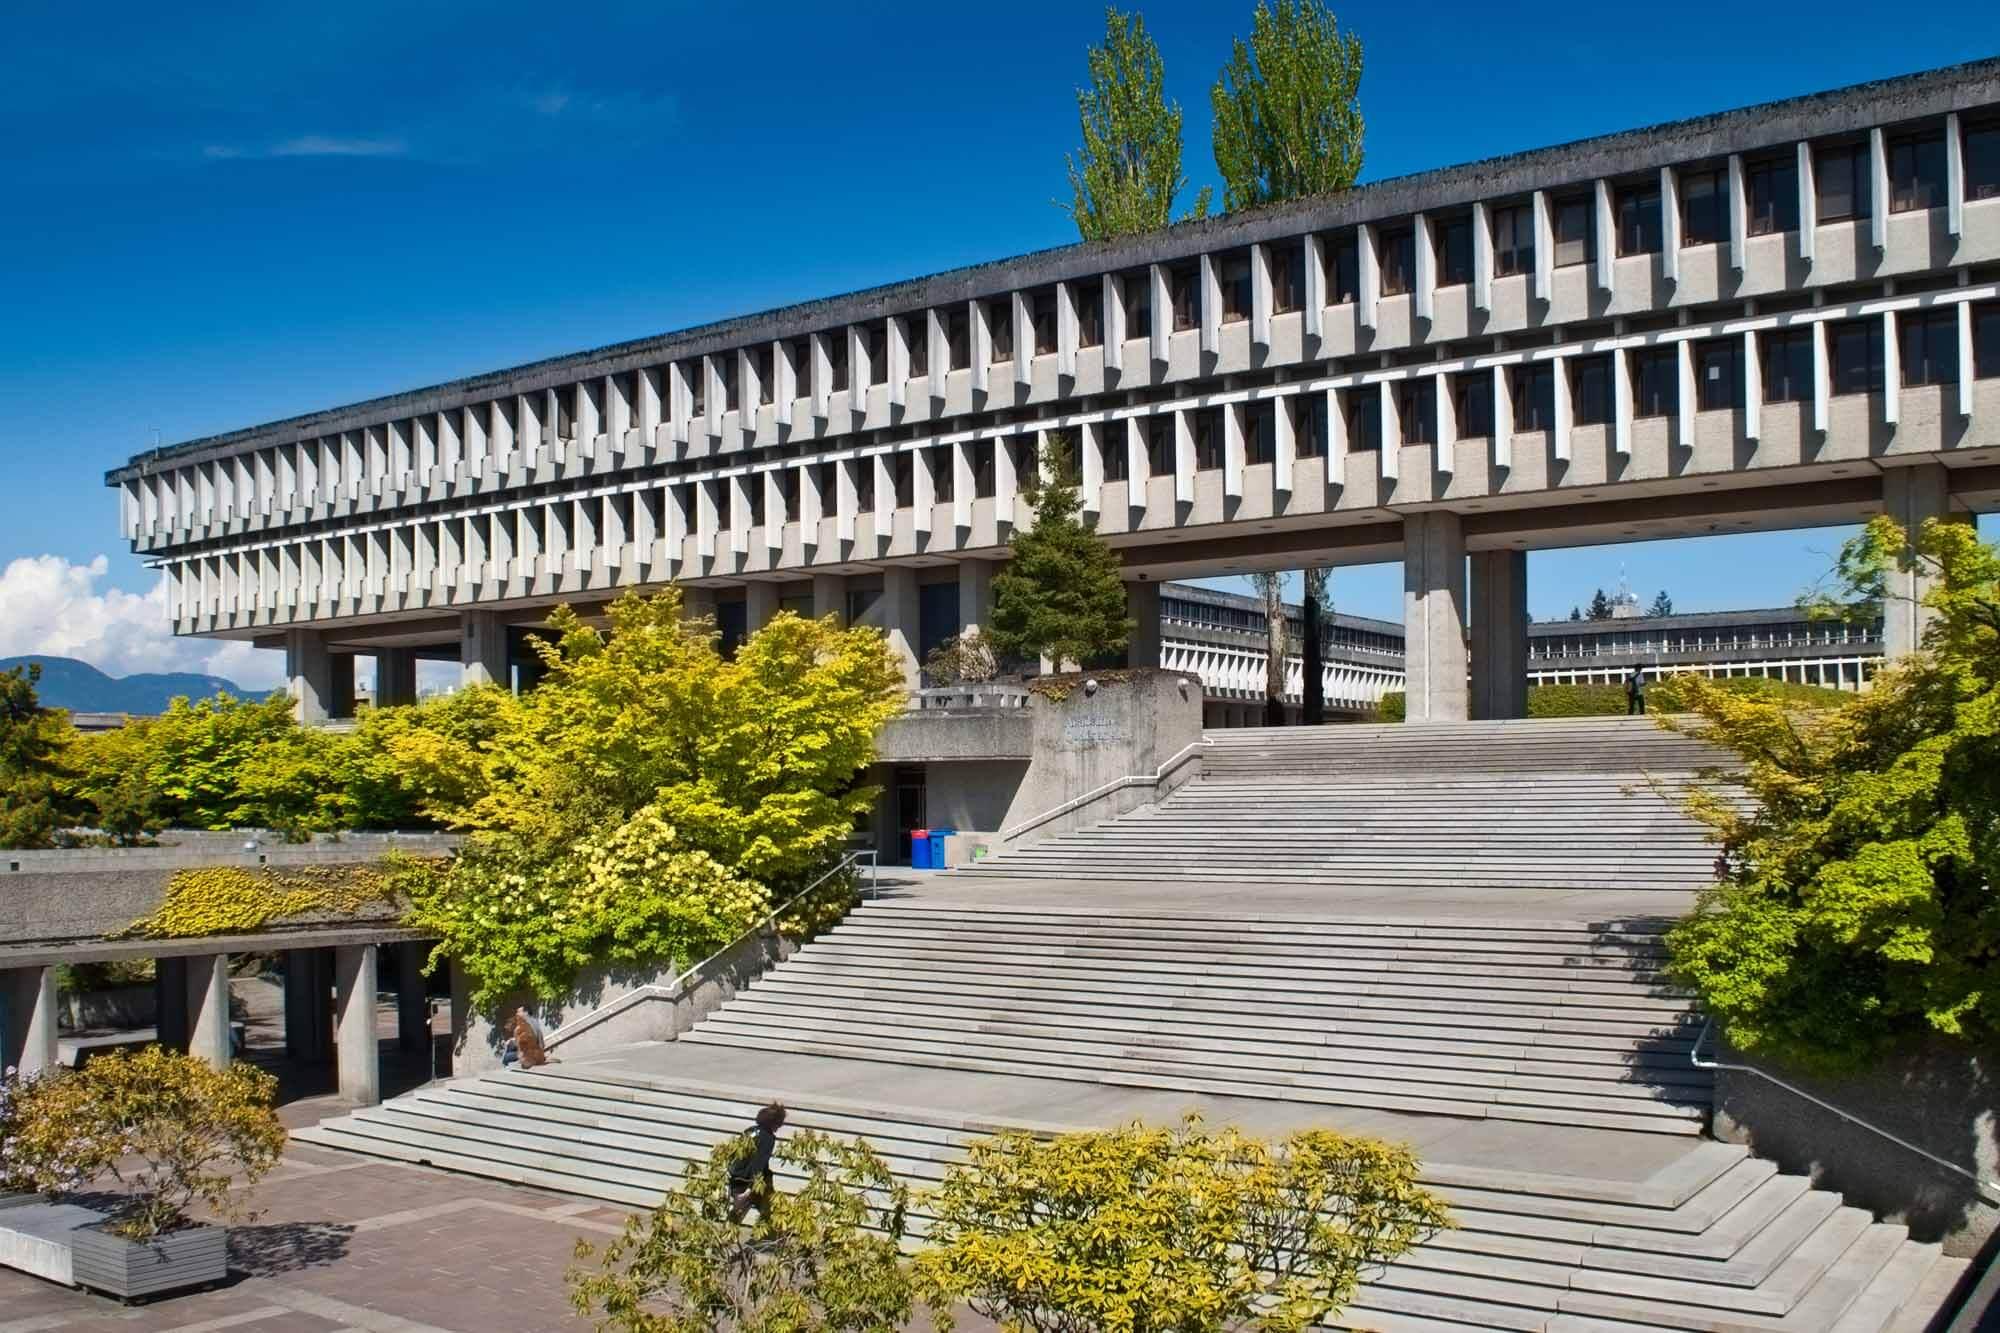 Canada nổi tiếng với những trường đại học tốt nhất thế giới. Trong ảnh là Đại học Simon Fraser, được đánh giá là đại học tổng hợp tốt nhất Canada suốt 5 năm liền.